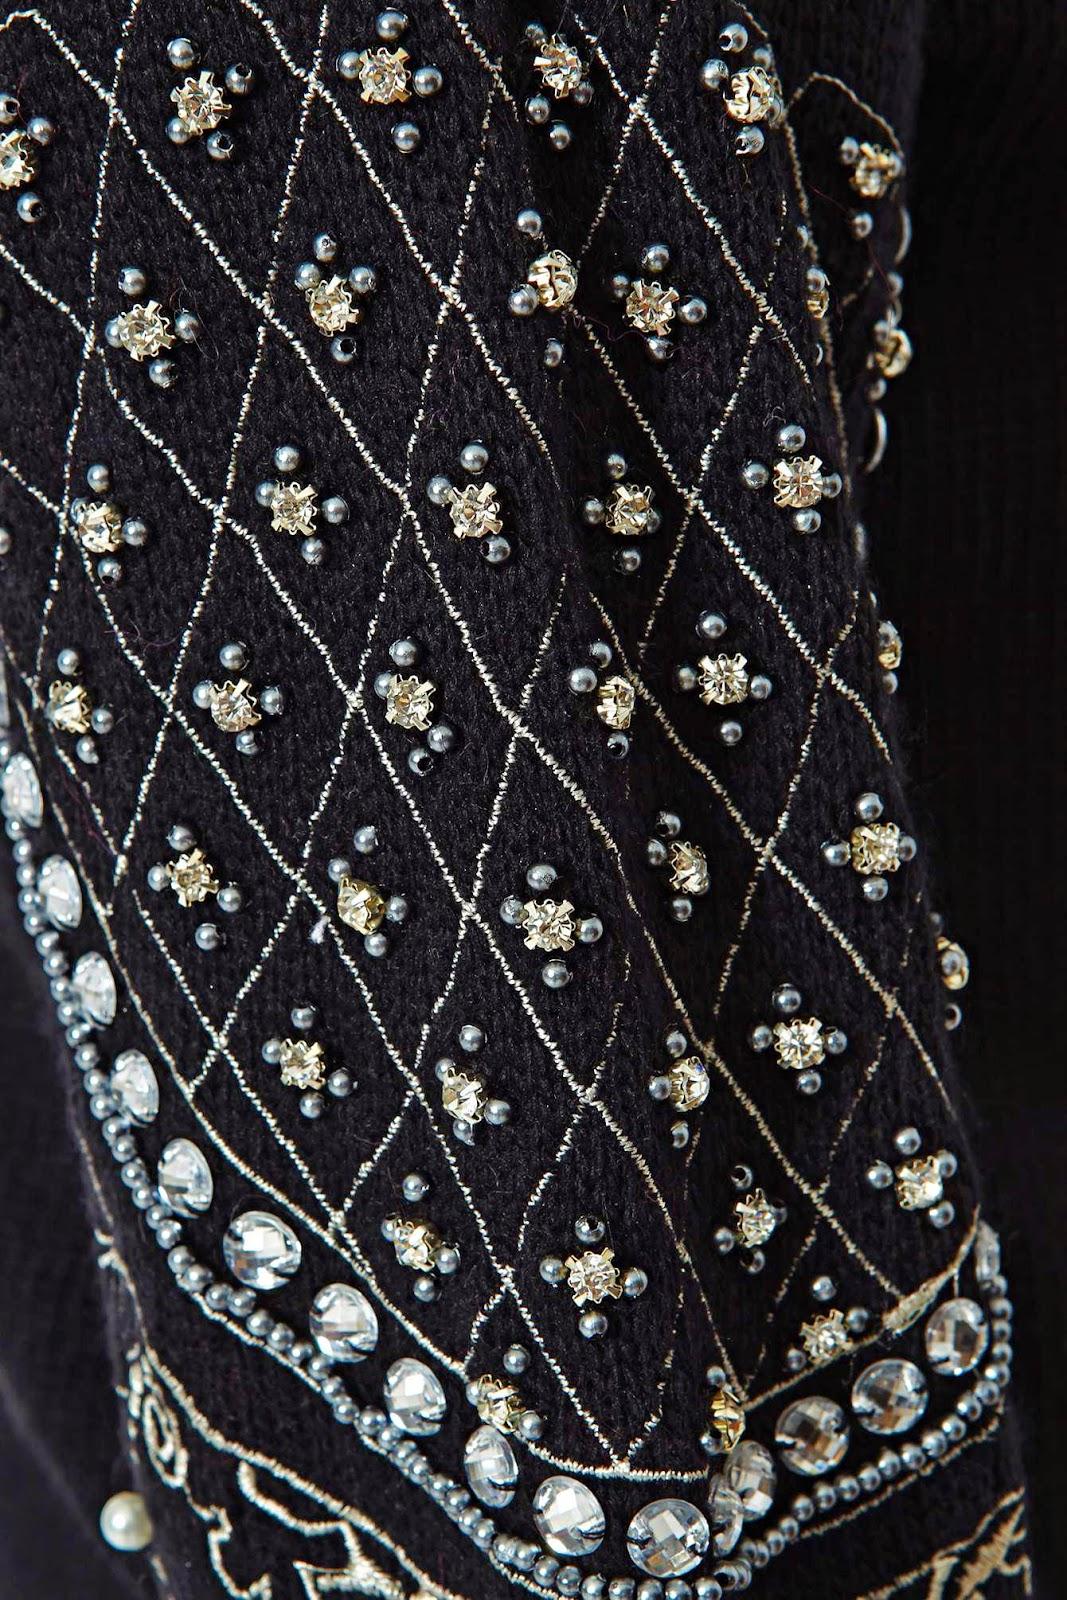 koralikowe hafty na swetrze